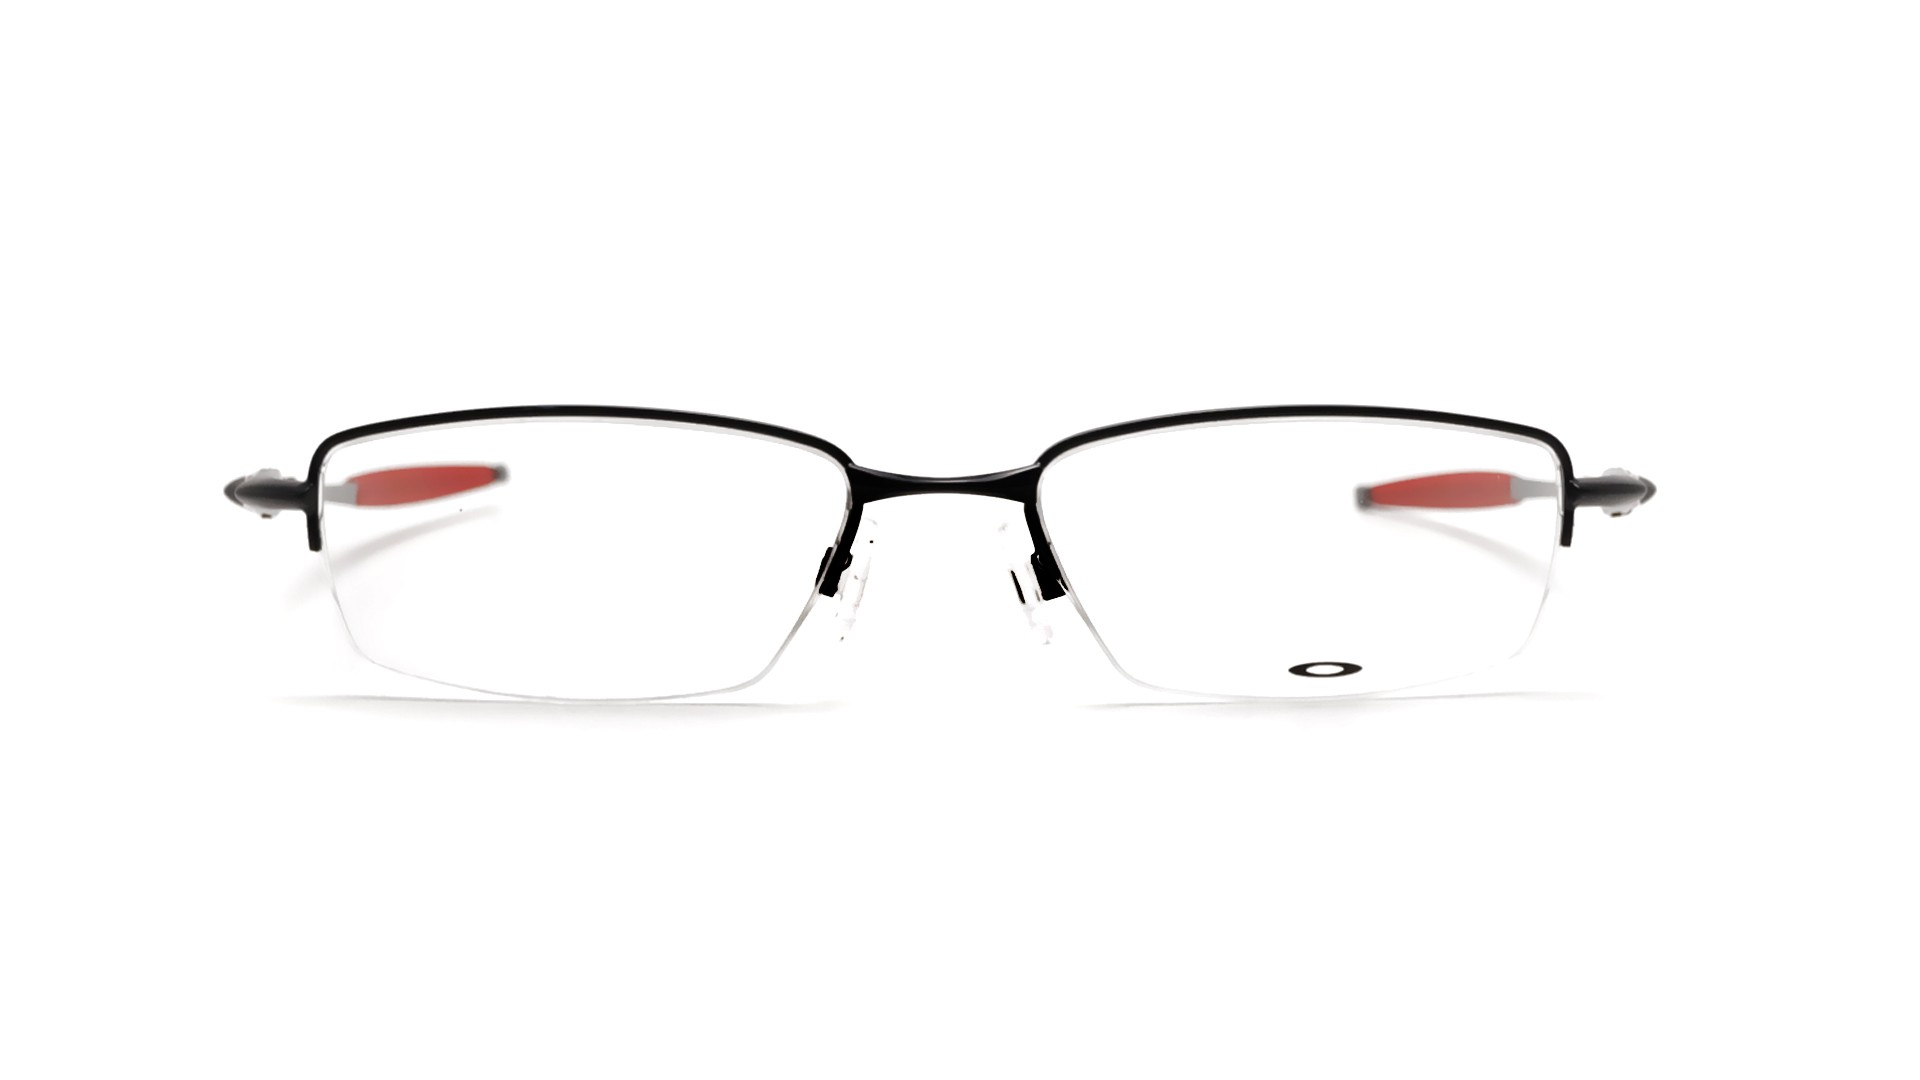 fb2868f19f4 Buy Oakley Eyeglass Frames 135. Jun20. Elderly friends. Cheap Oakley  Eyeglass Frames 135